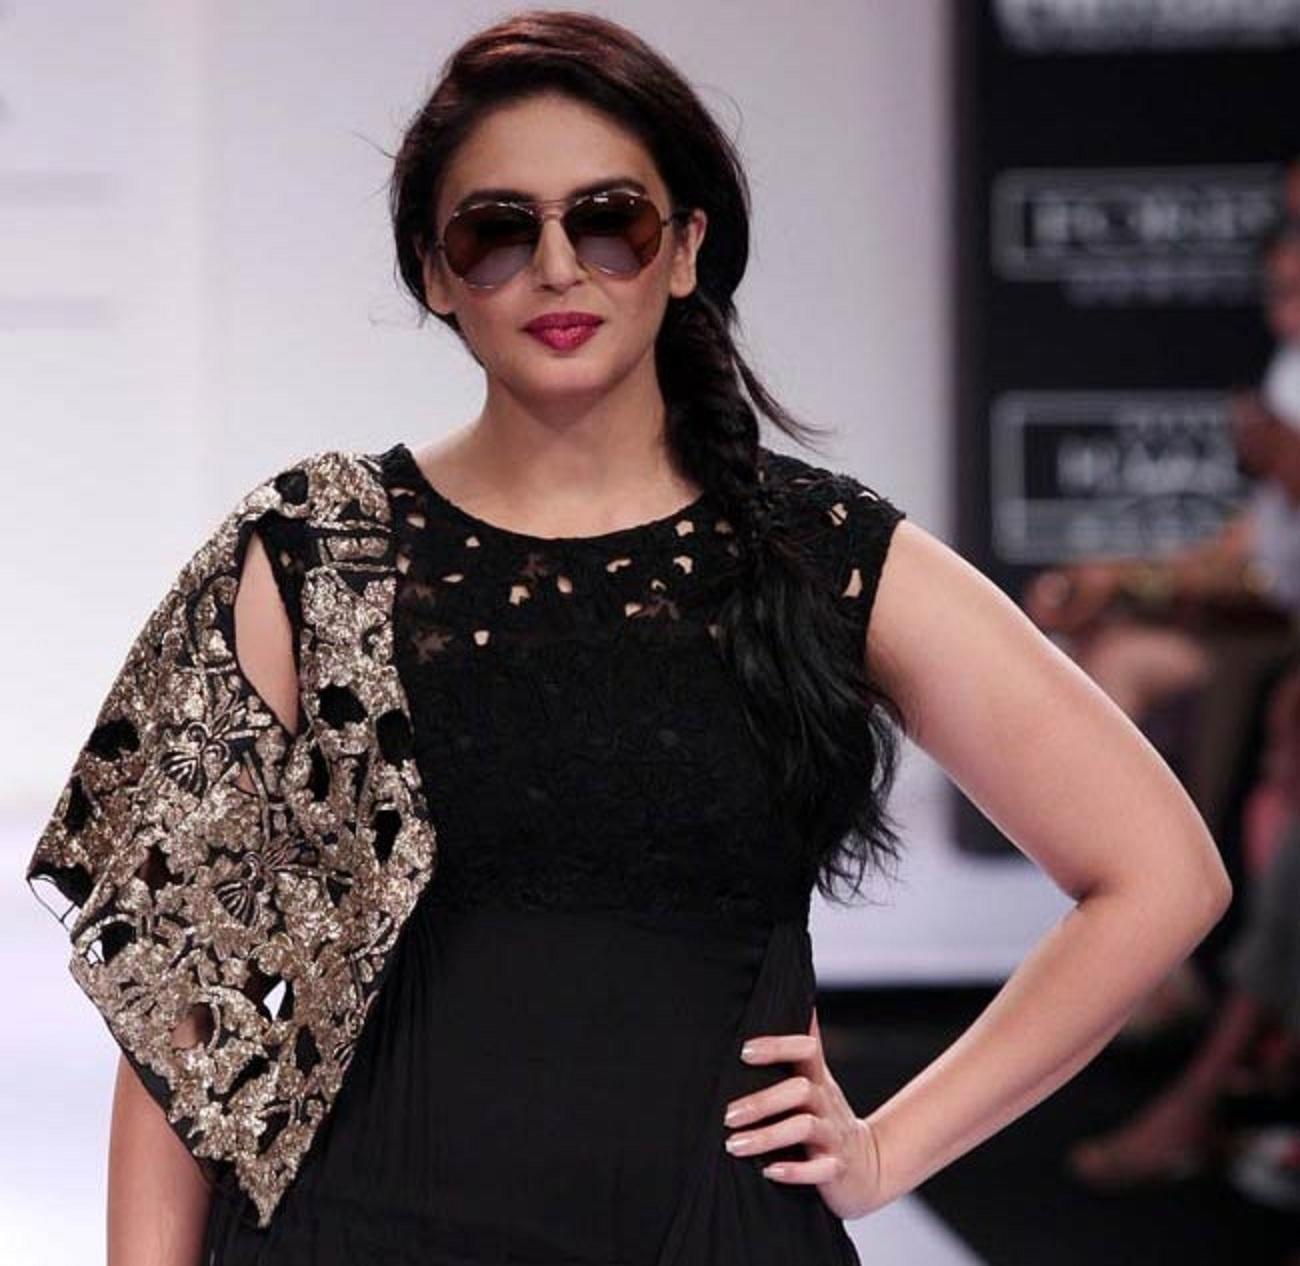 Huma qureshi bollywood actress wallpapers download free.